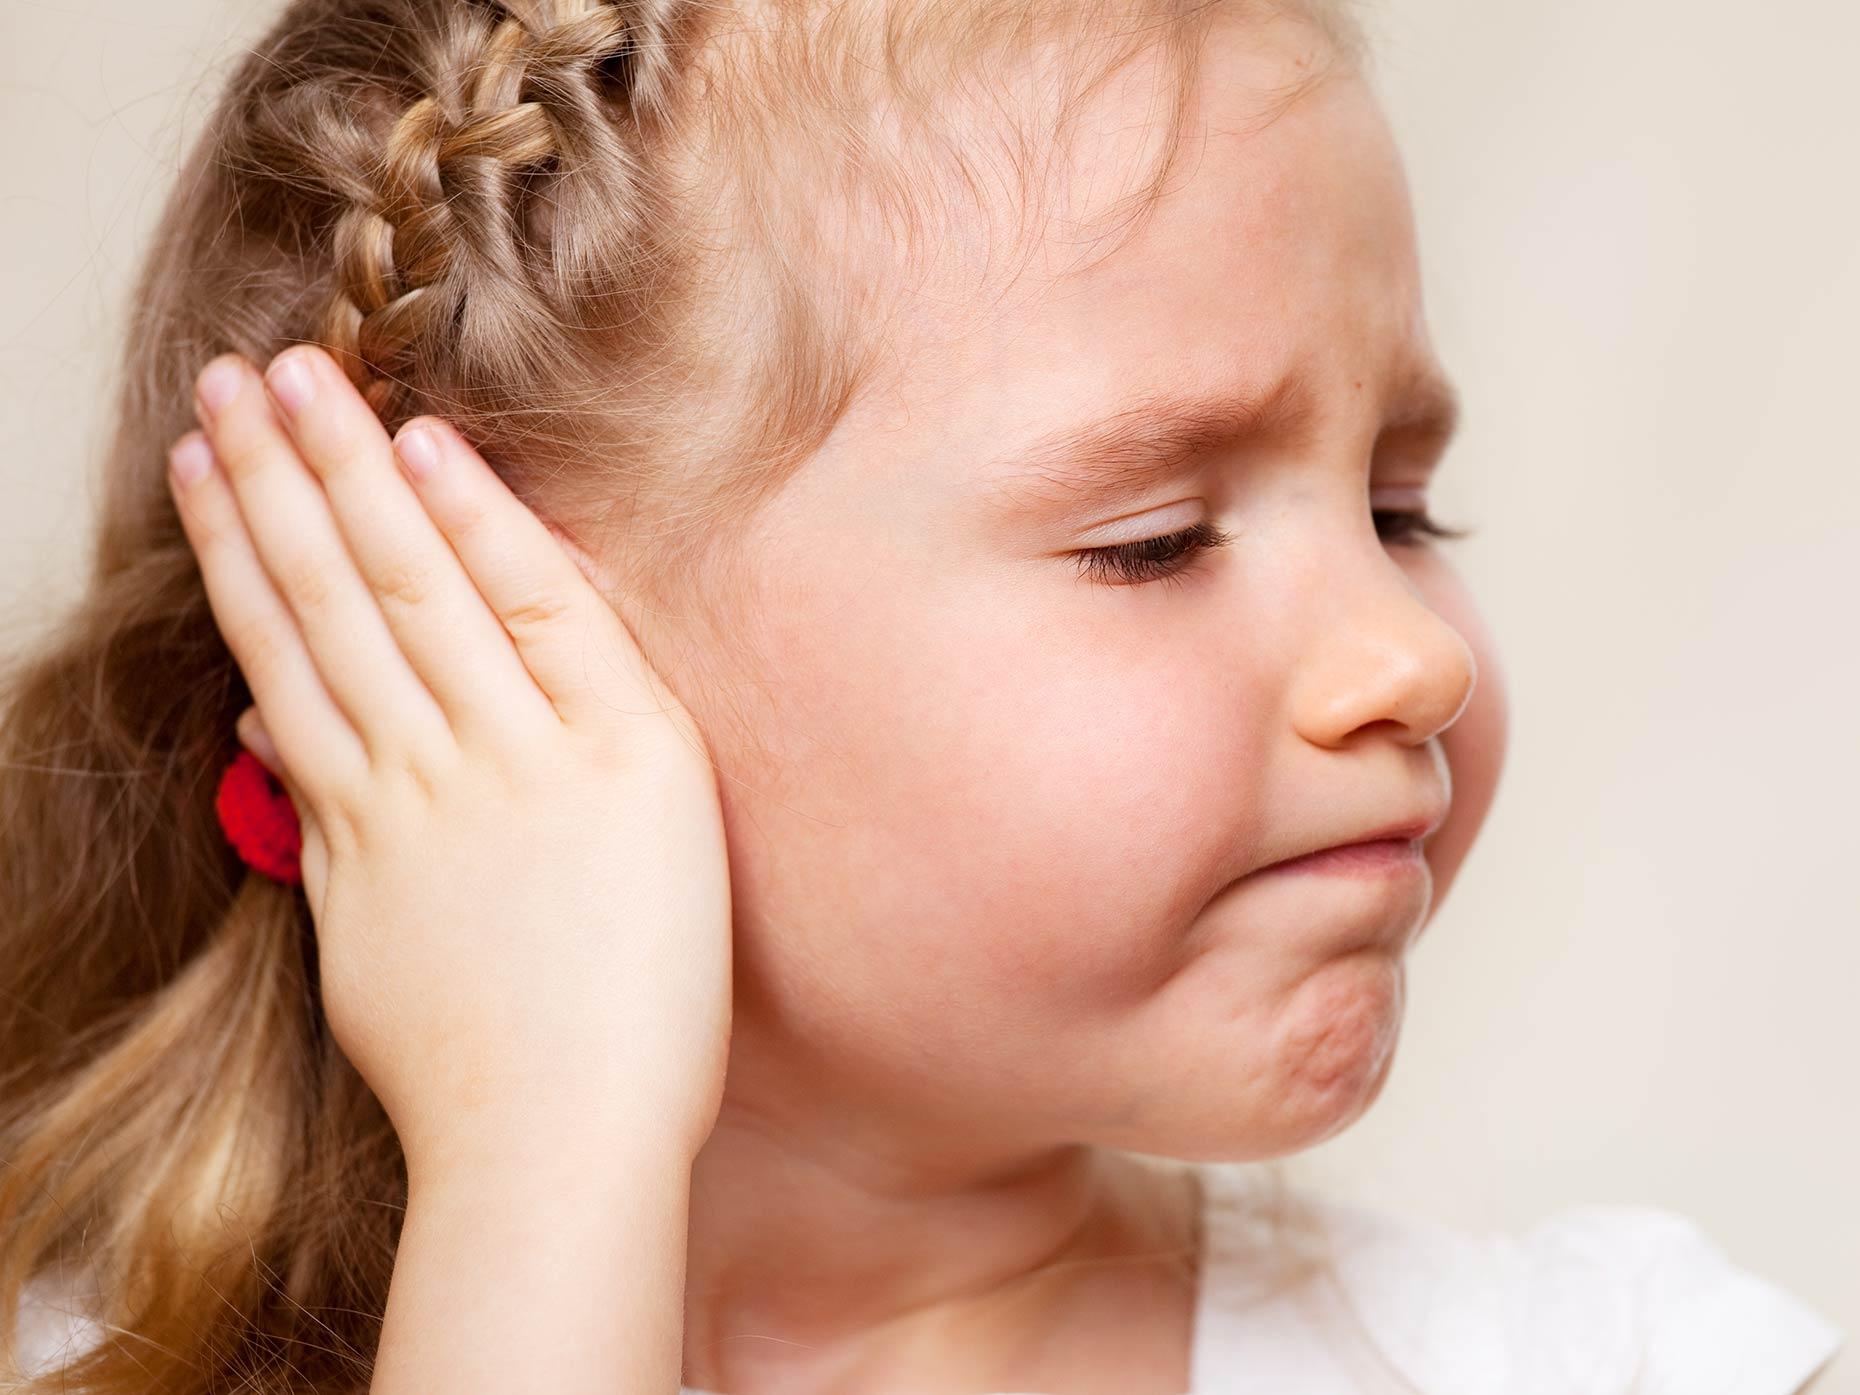 Anauran bambini: gocce per otite. Quando e come usarle?